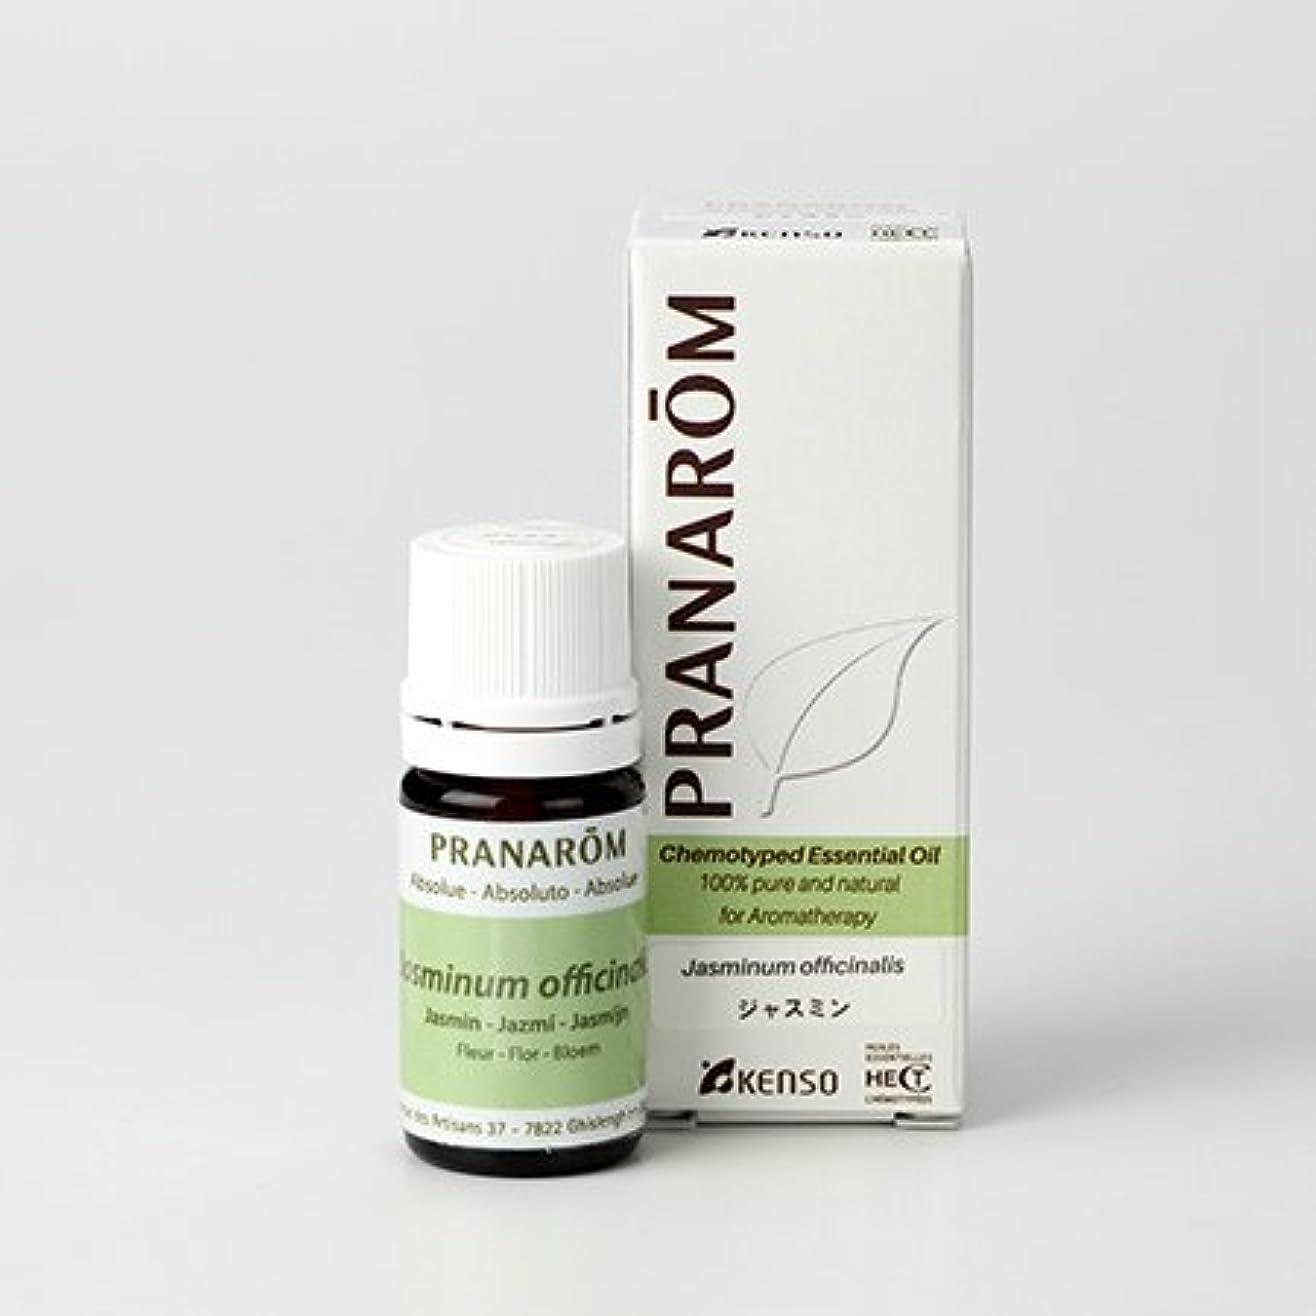 屈辱する移行するテセウスプラナロム ジャスミンAbs. 5ml (PRANAROM ケモタイプ精油)